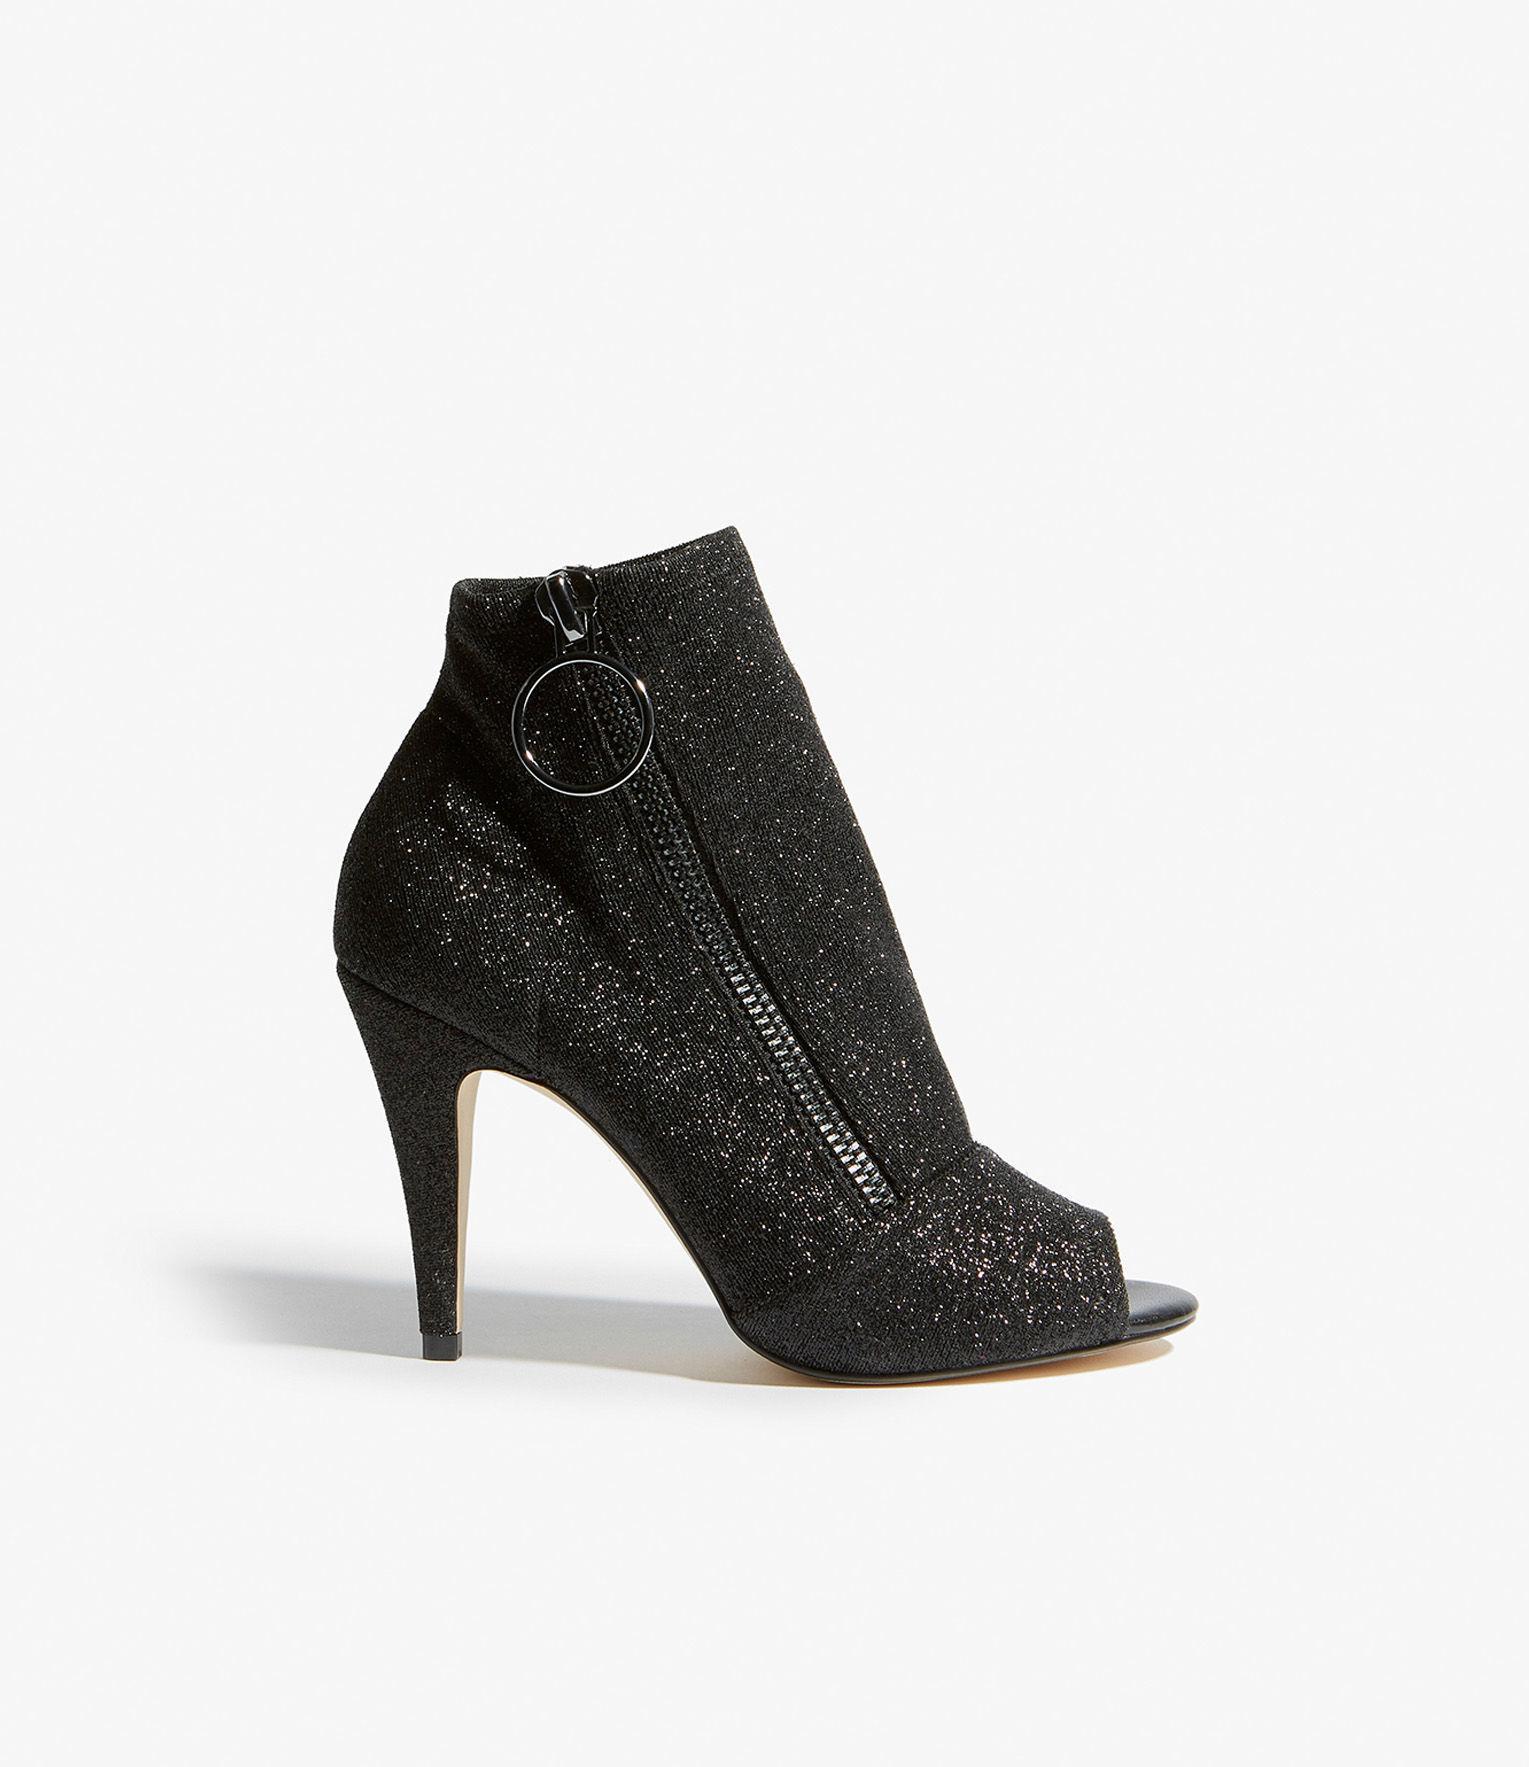 d33d88615d Lyst - Karen Millen Peep-toe Boots in Black